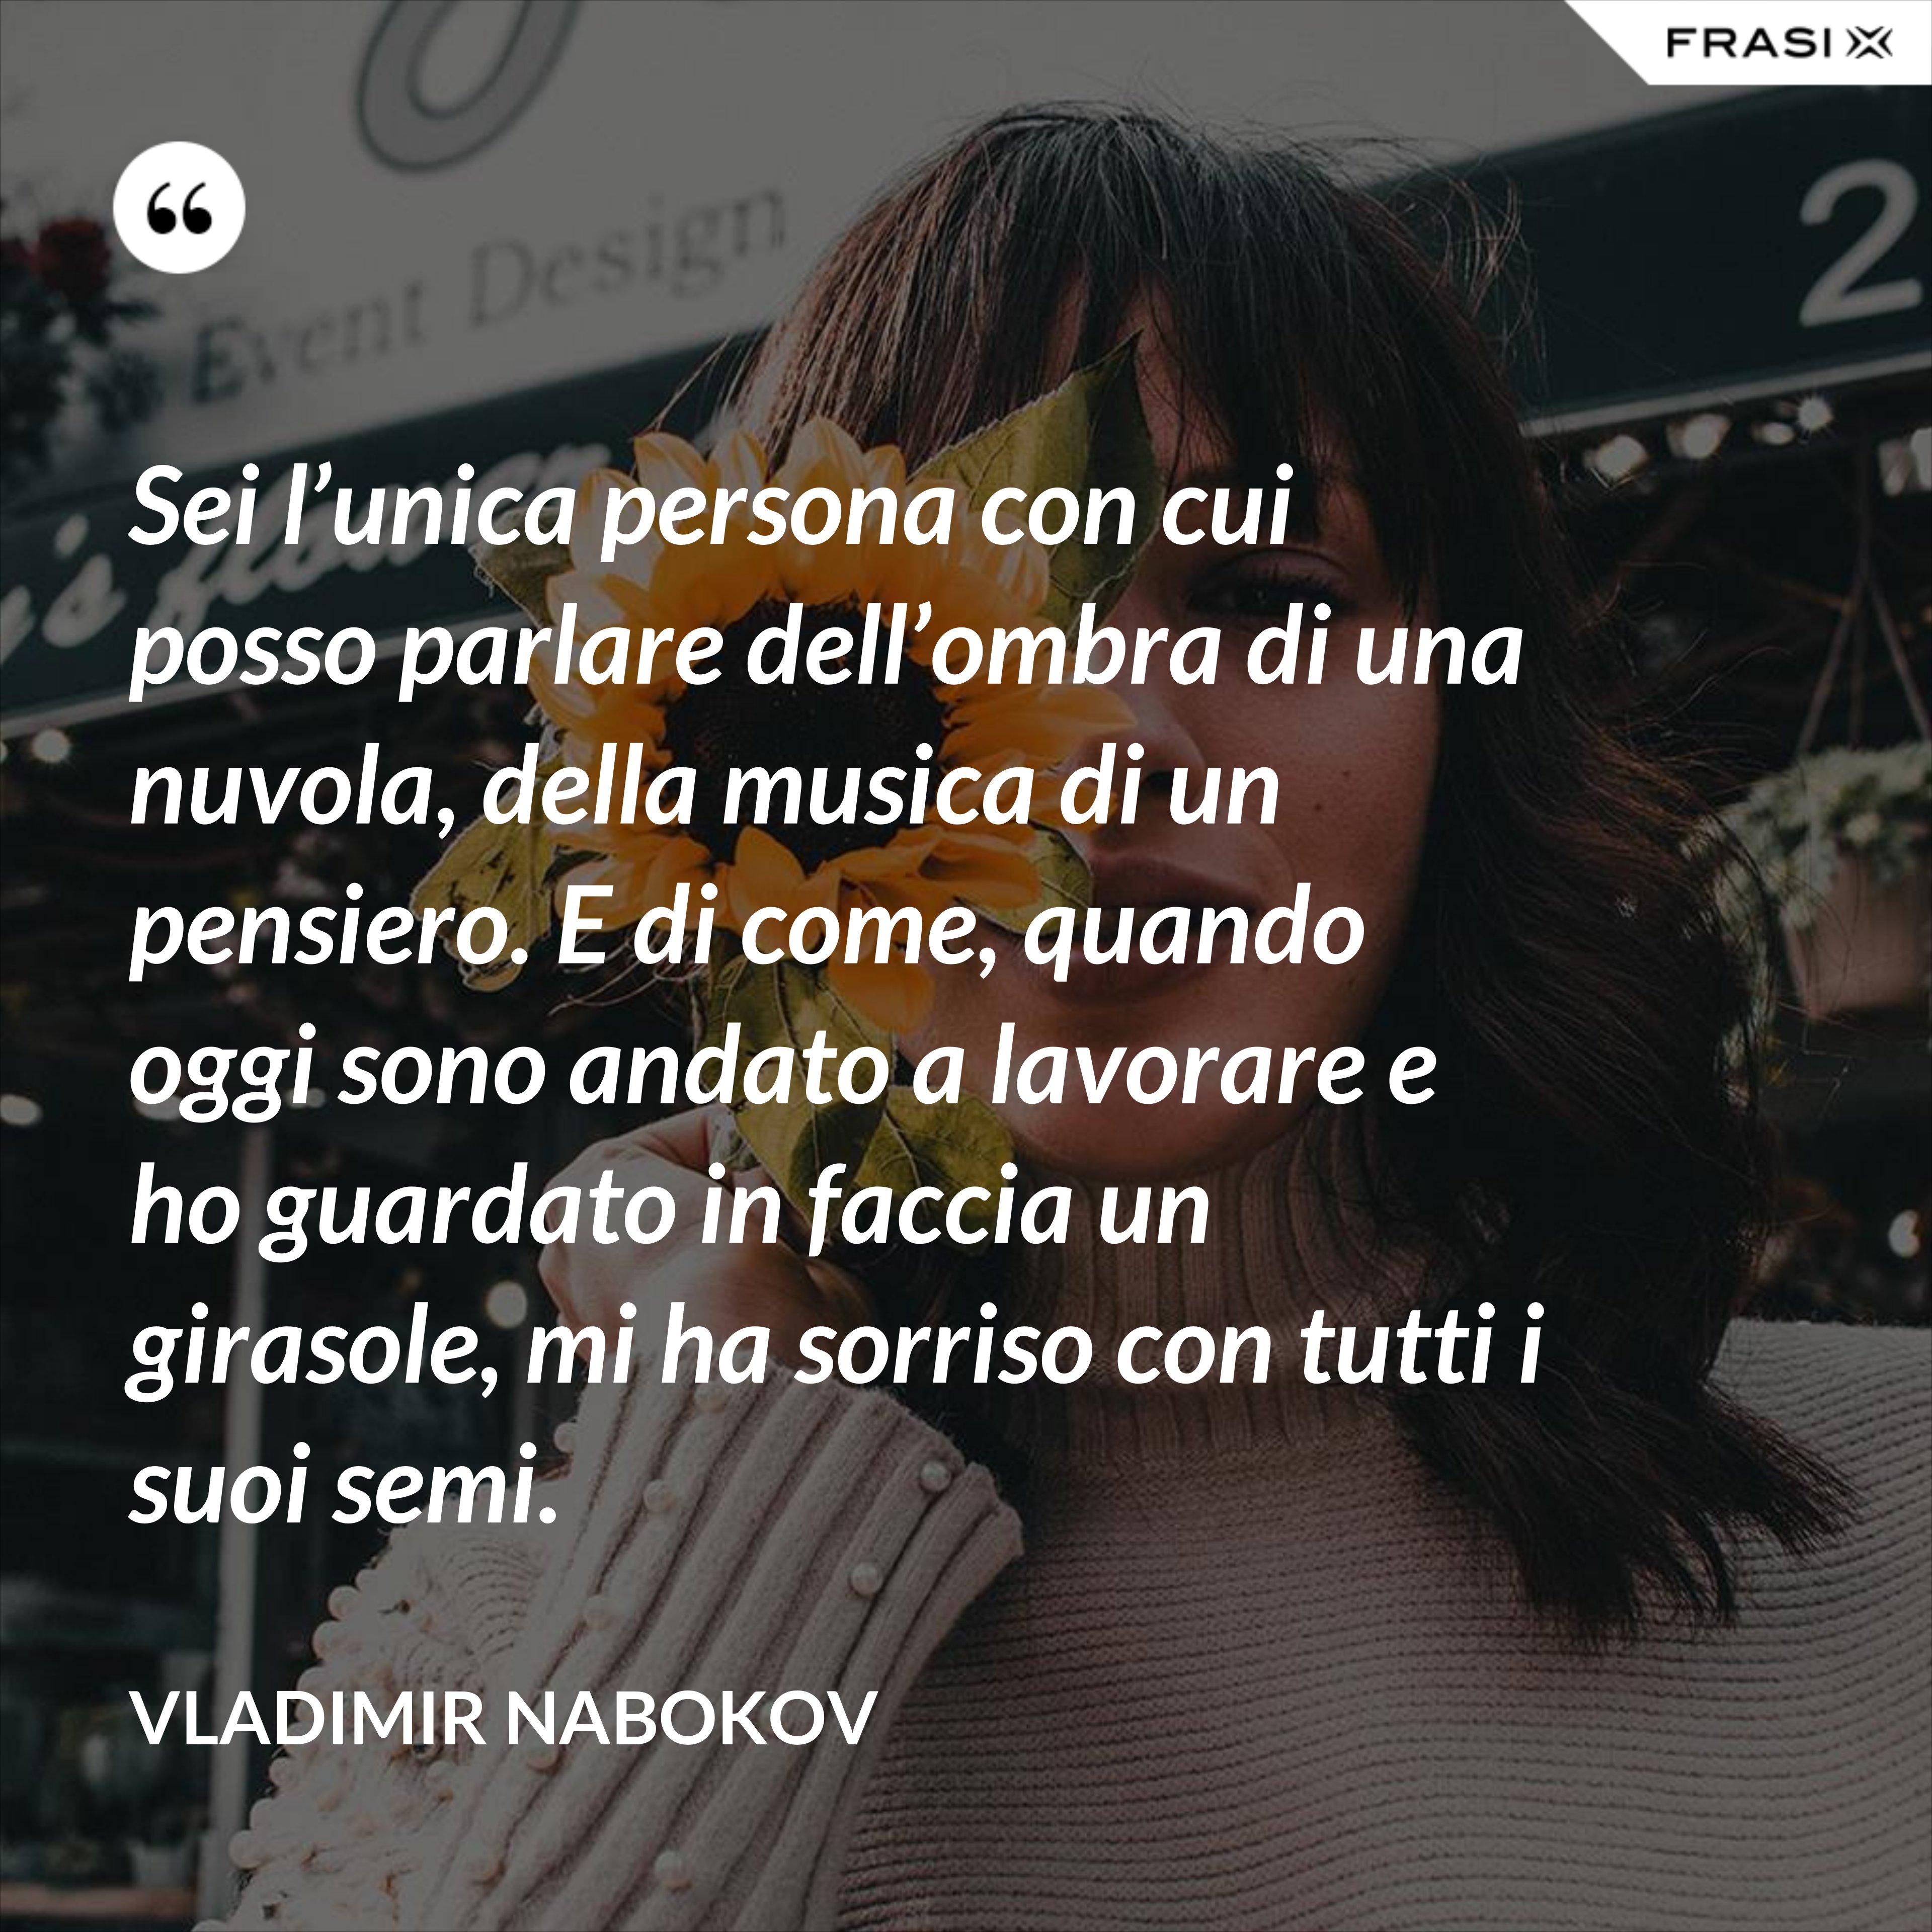 Sei l'unica persona con cui posso parlare dell'ombra di una nuvola, della musica di un pensiero. E di come, quando oggi sono andato a lavorare e ho guardato in faccia un girasole, mi ha sorriso con tutti i suoi semi. - Vladimir Nabokov